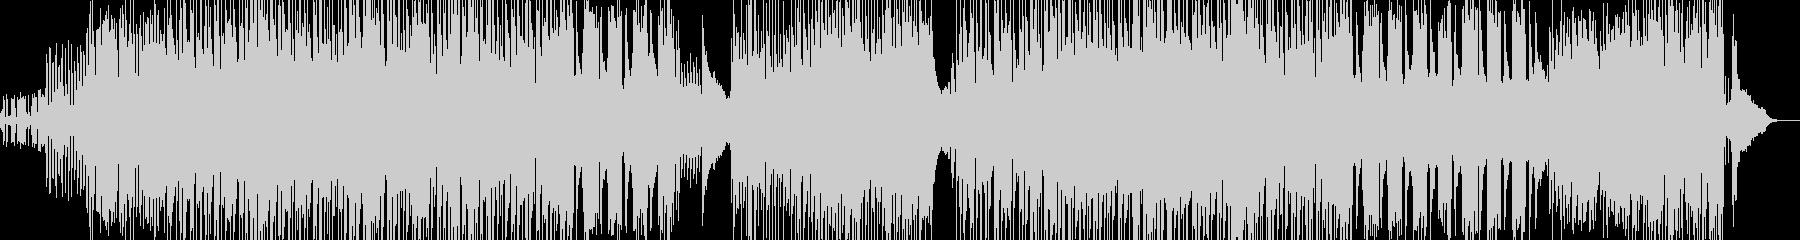 オシャレなフレーズ 疾走感溢れるBGMの未再生の波形